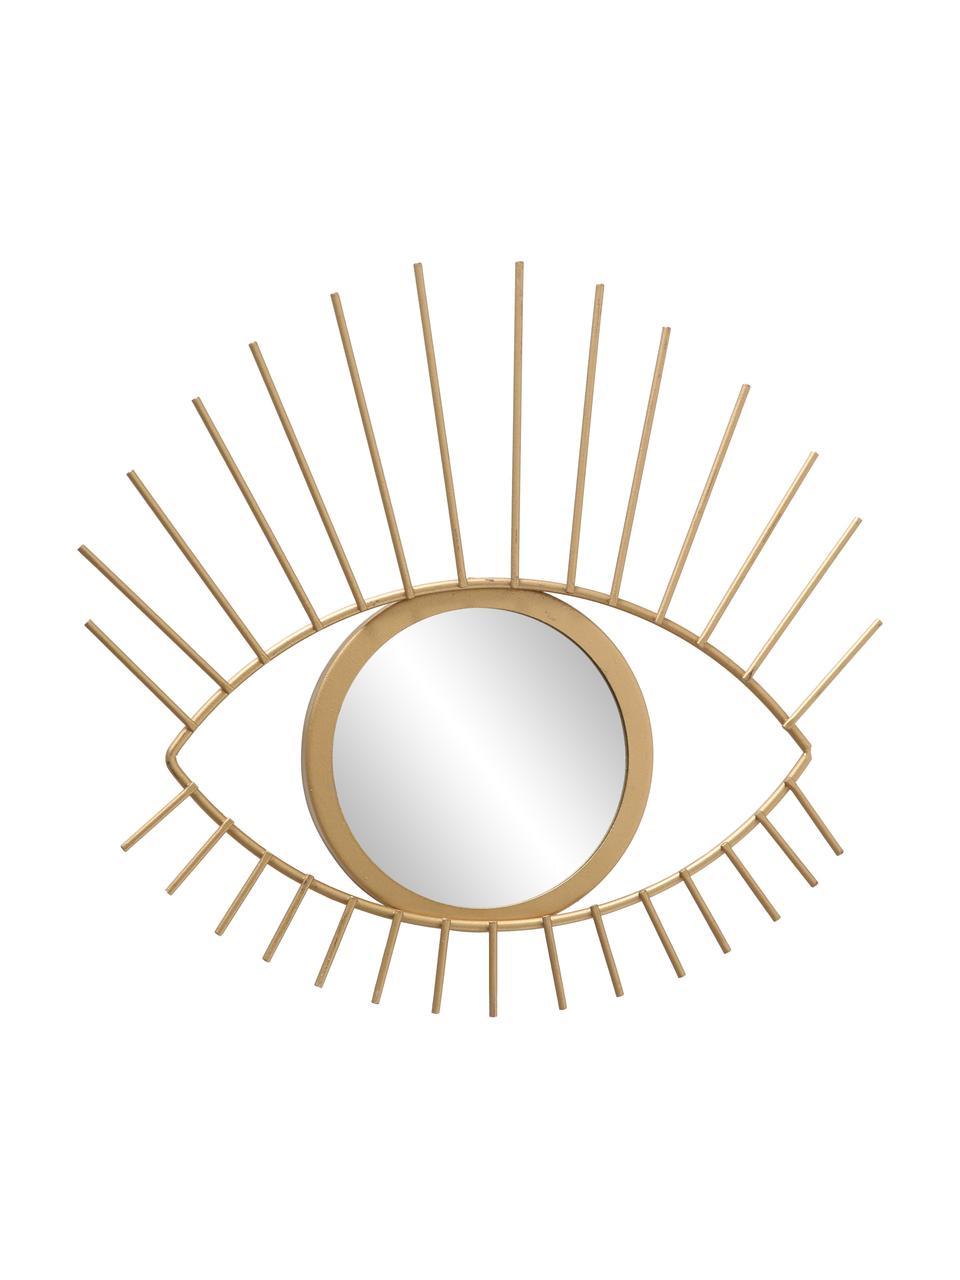 Dekorační zrcadlo Auge, Rám: zlatá Plocha zrcadla: zrcadlové sklo